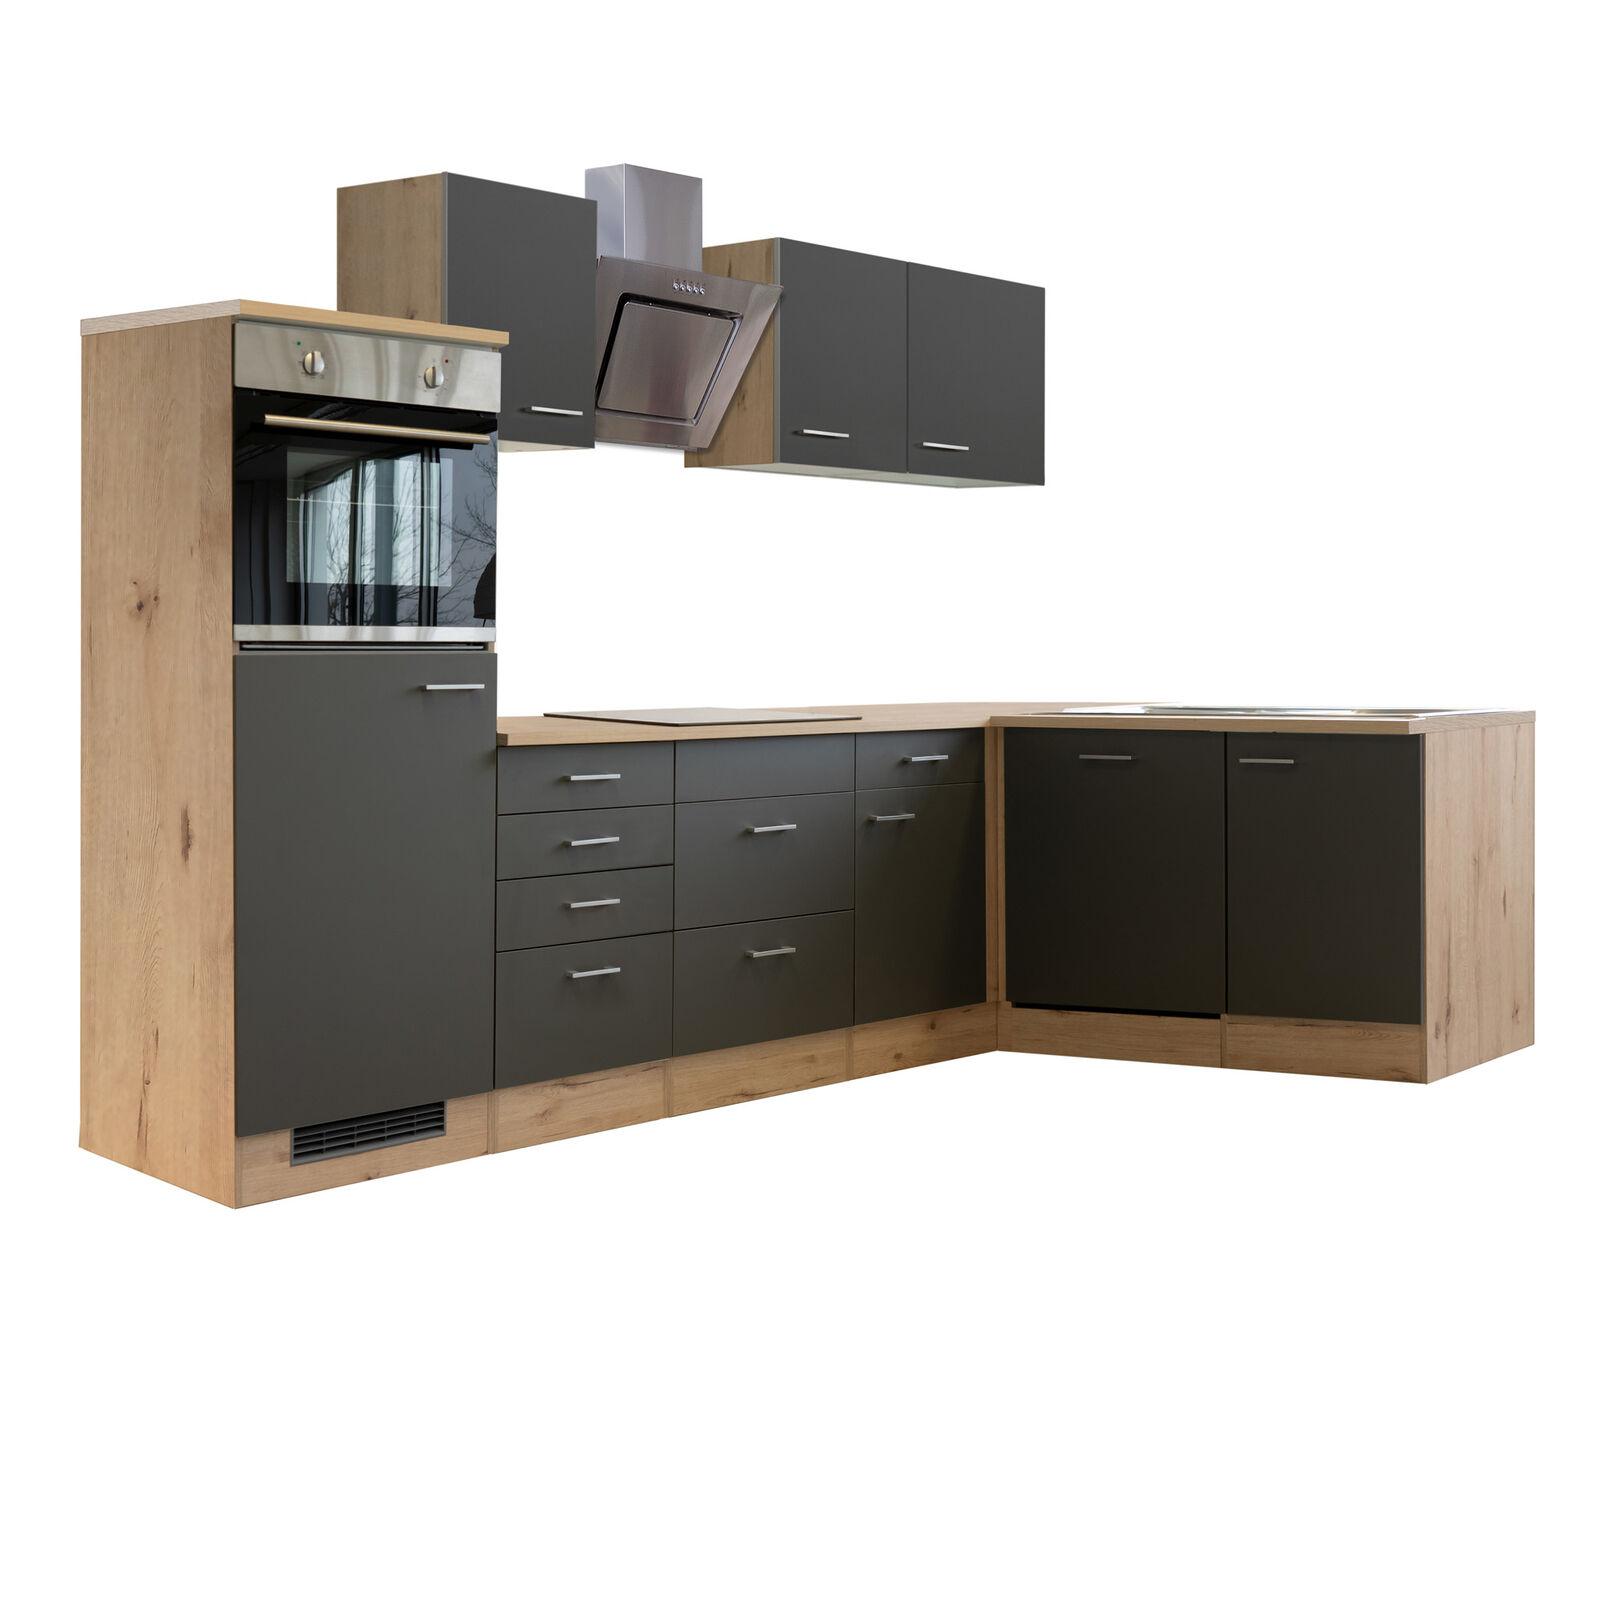 Full Size of Einbauküche L Form Einbauküche L Form Gebraucht Einbauküche L Form Mit Geräten Einbauküche L Form Kaufen Küche Einbauküche L Form